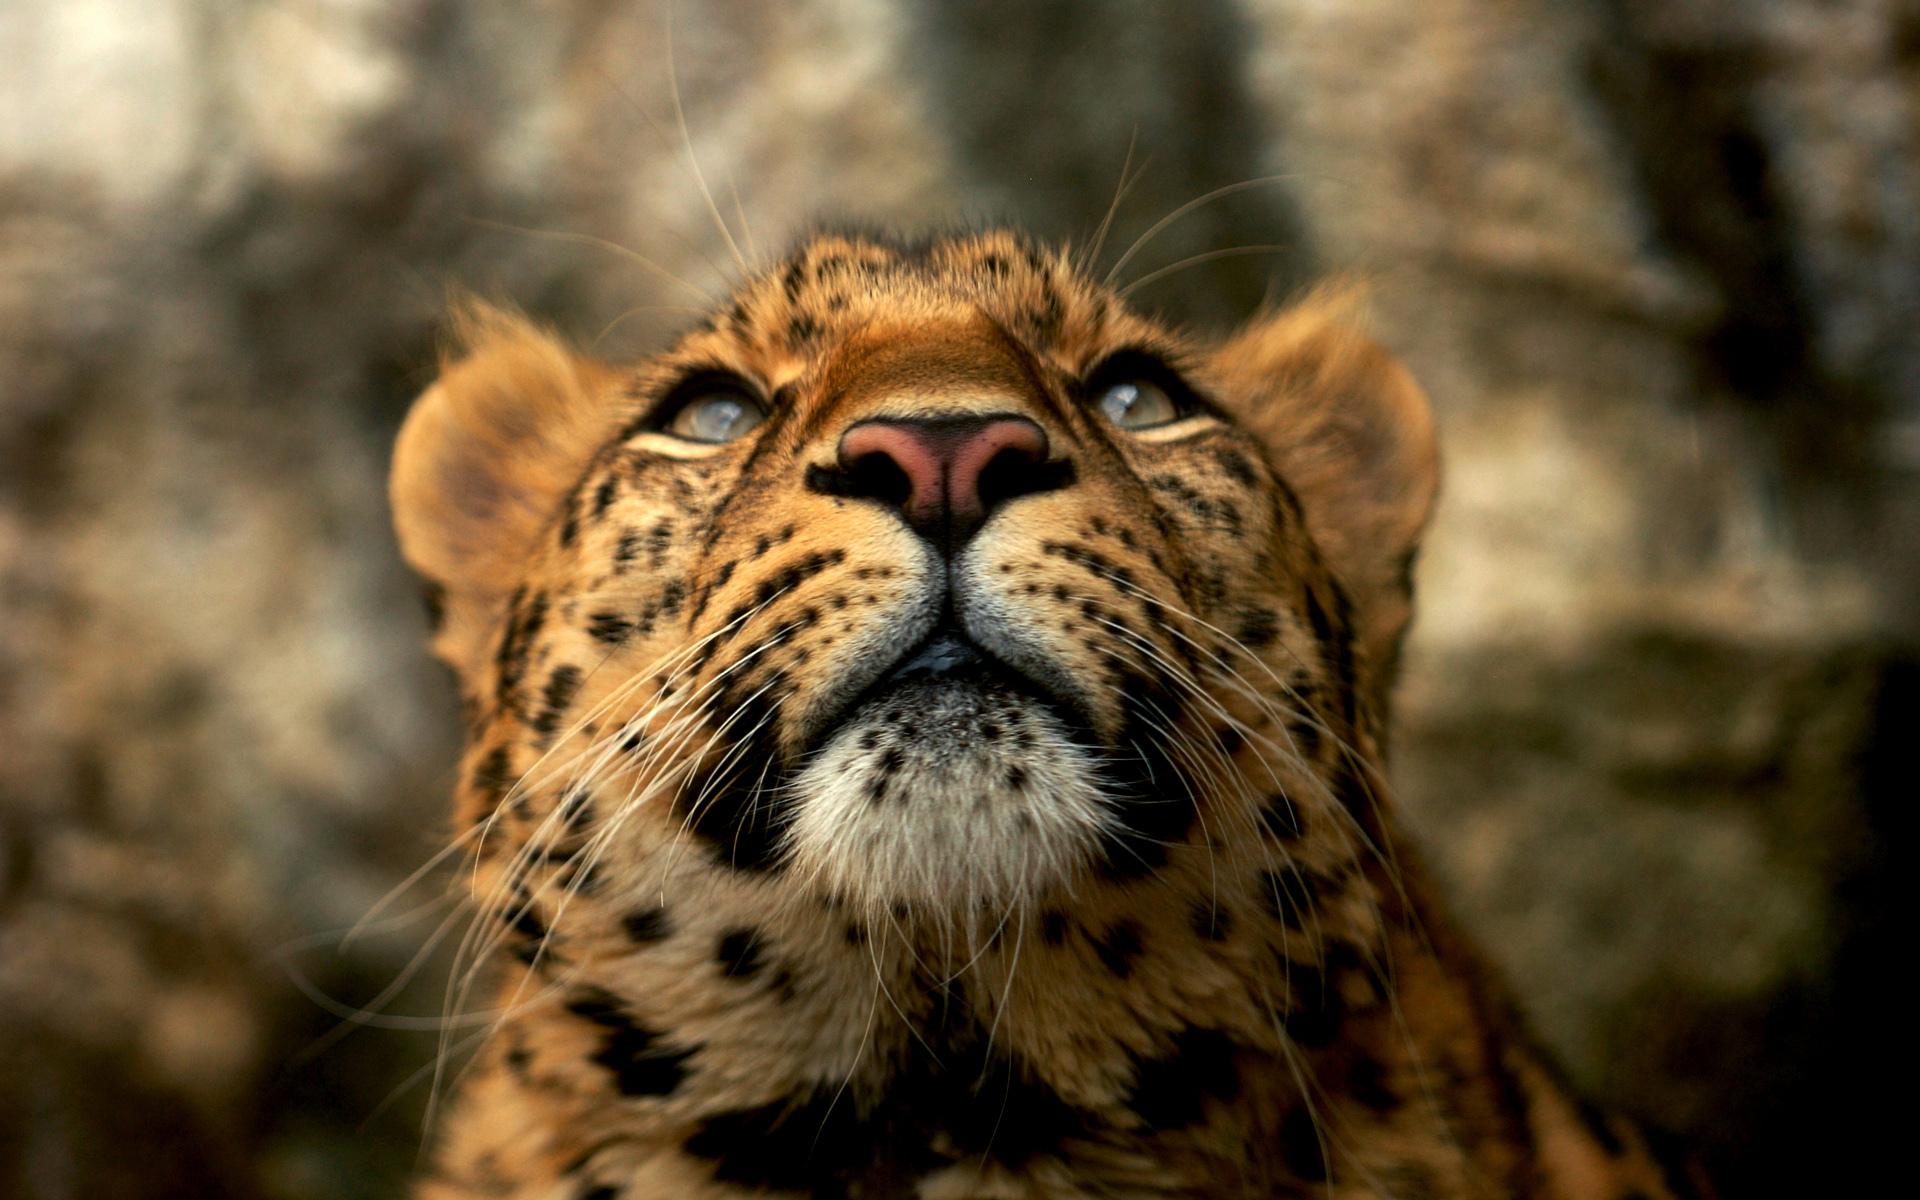 Leopard 4k Black Background Hd Animals 4k Wallpapers: Leopard Wallpapers - HD Desktop Wallpapers